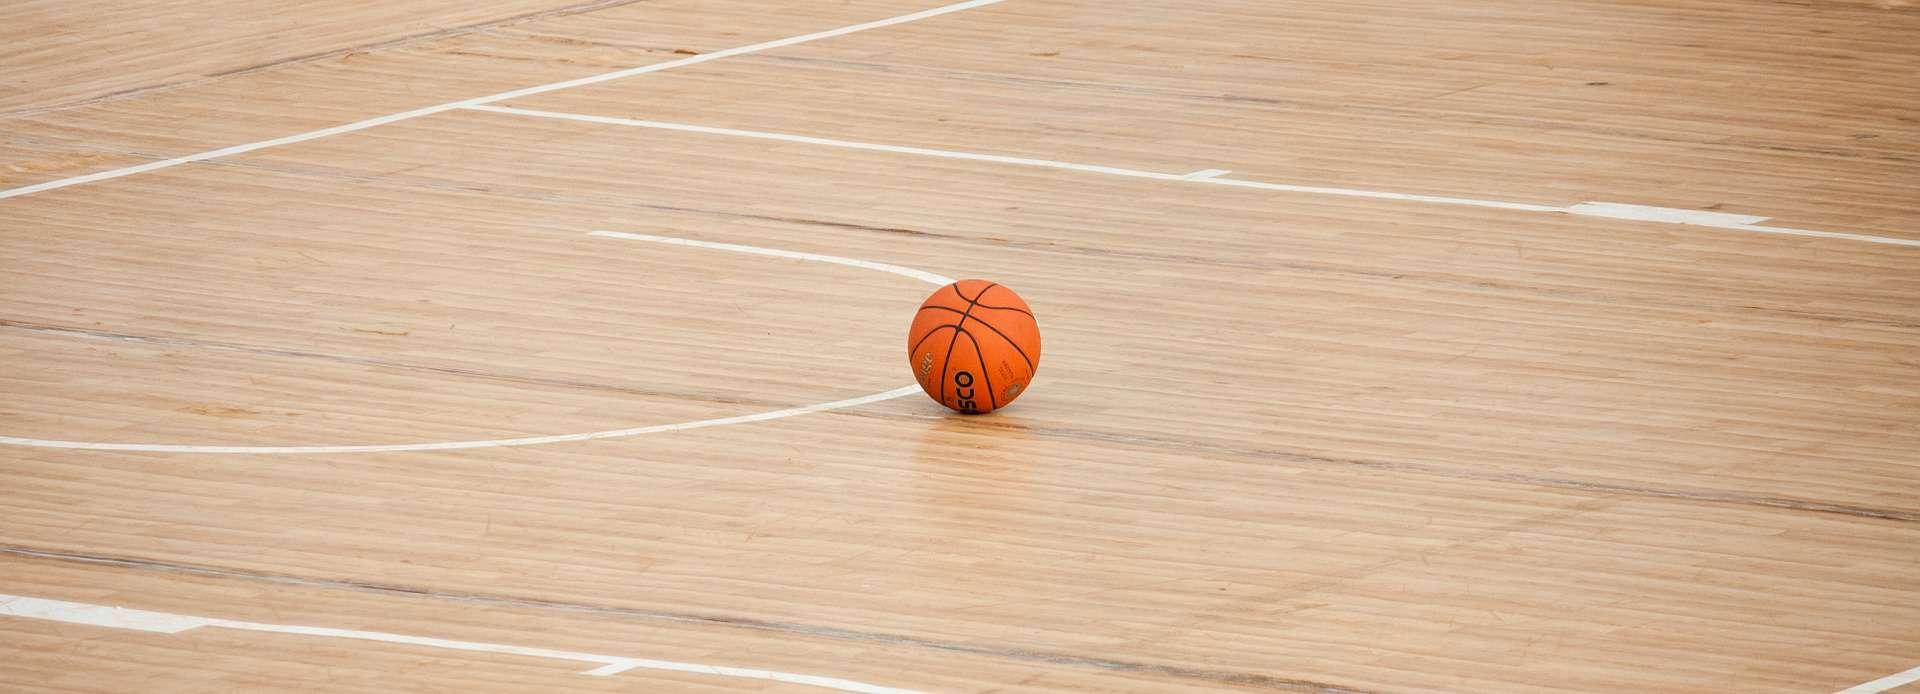 Una pelota de baloncesto en una cancha de baloncesto.